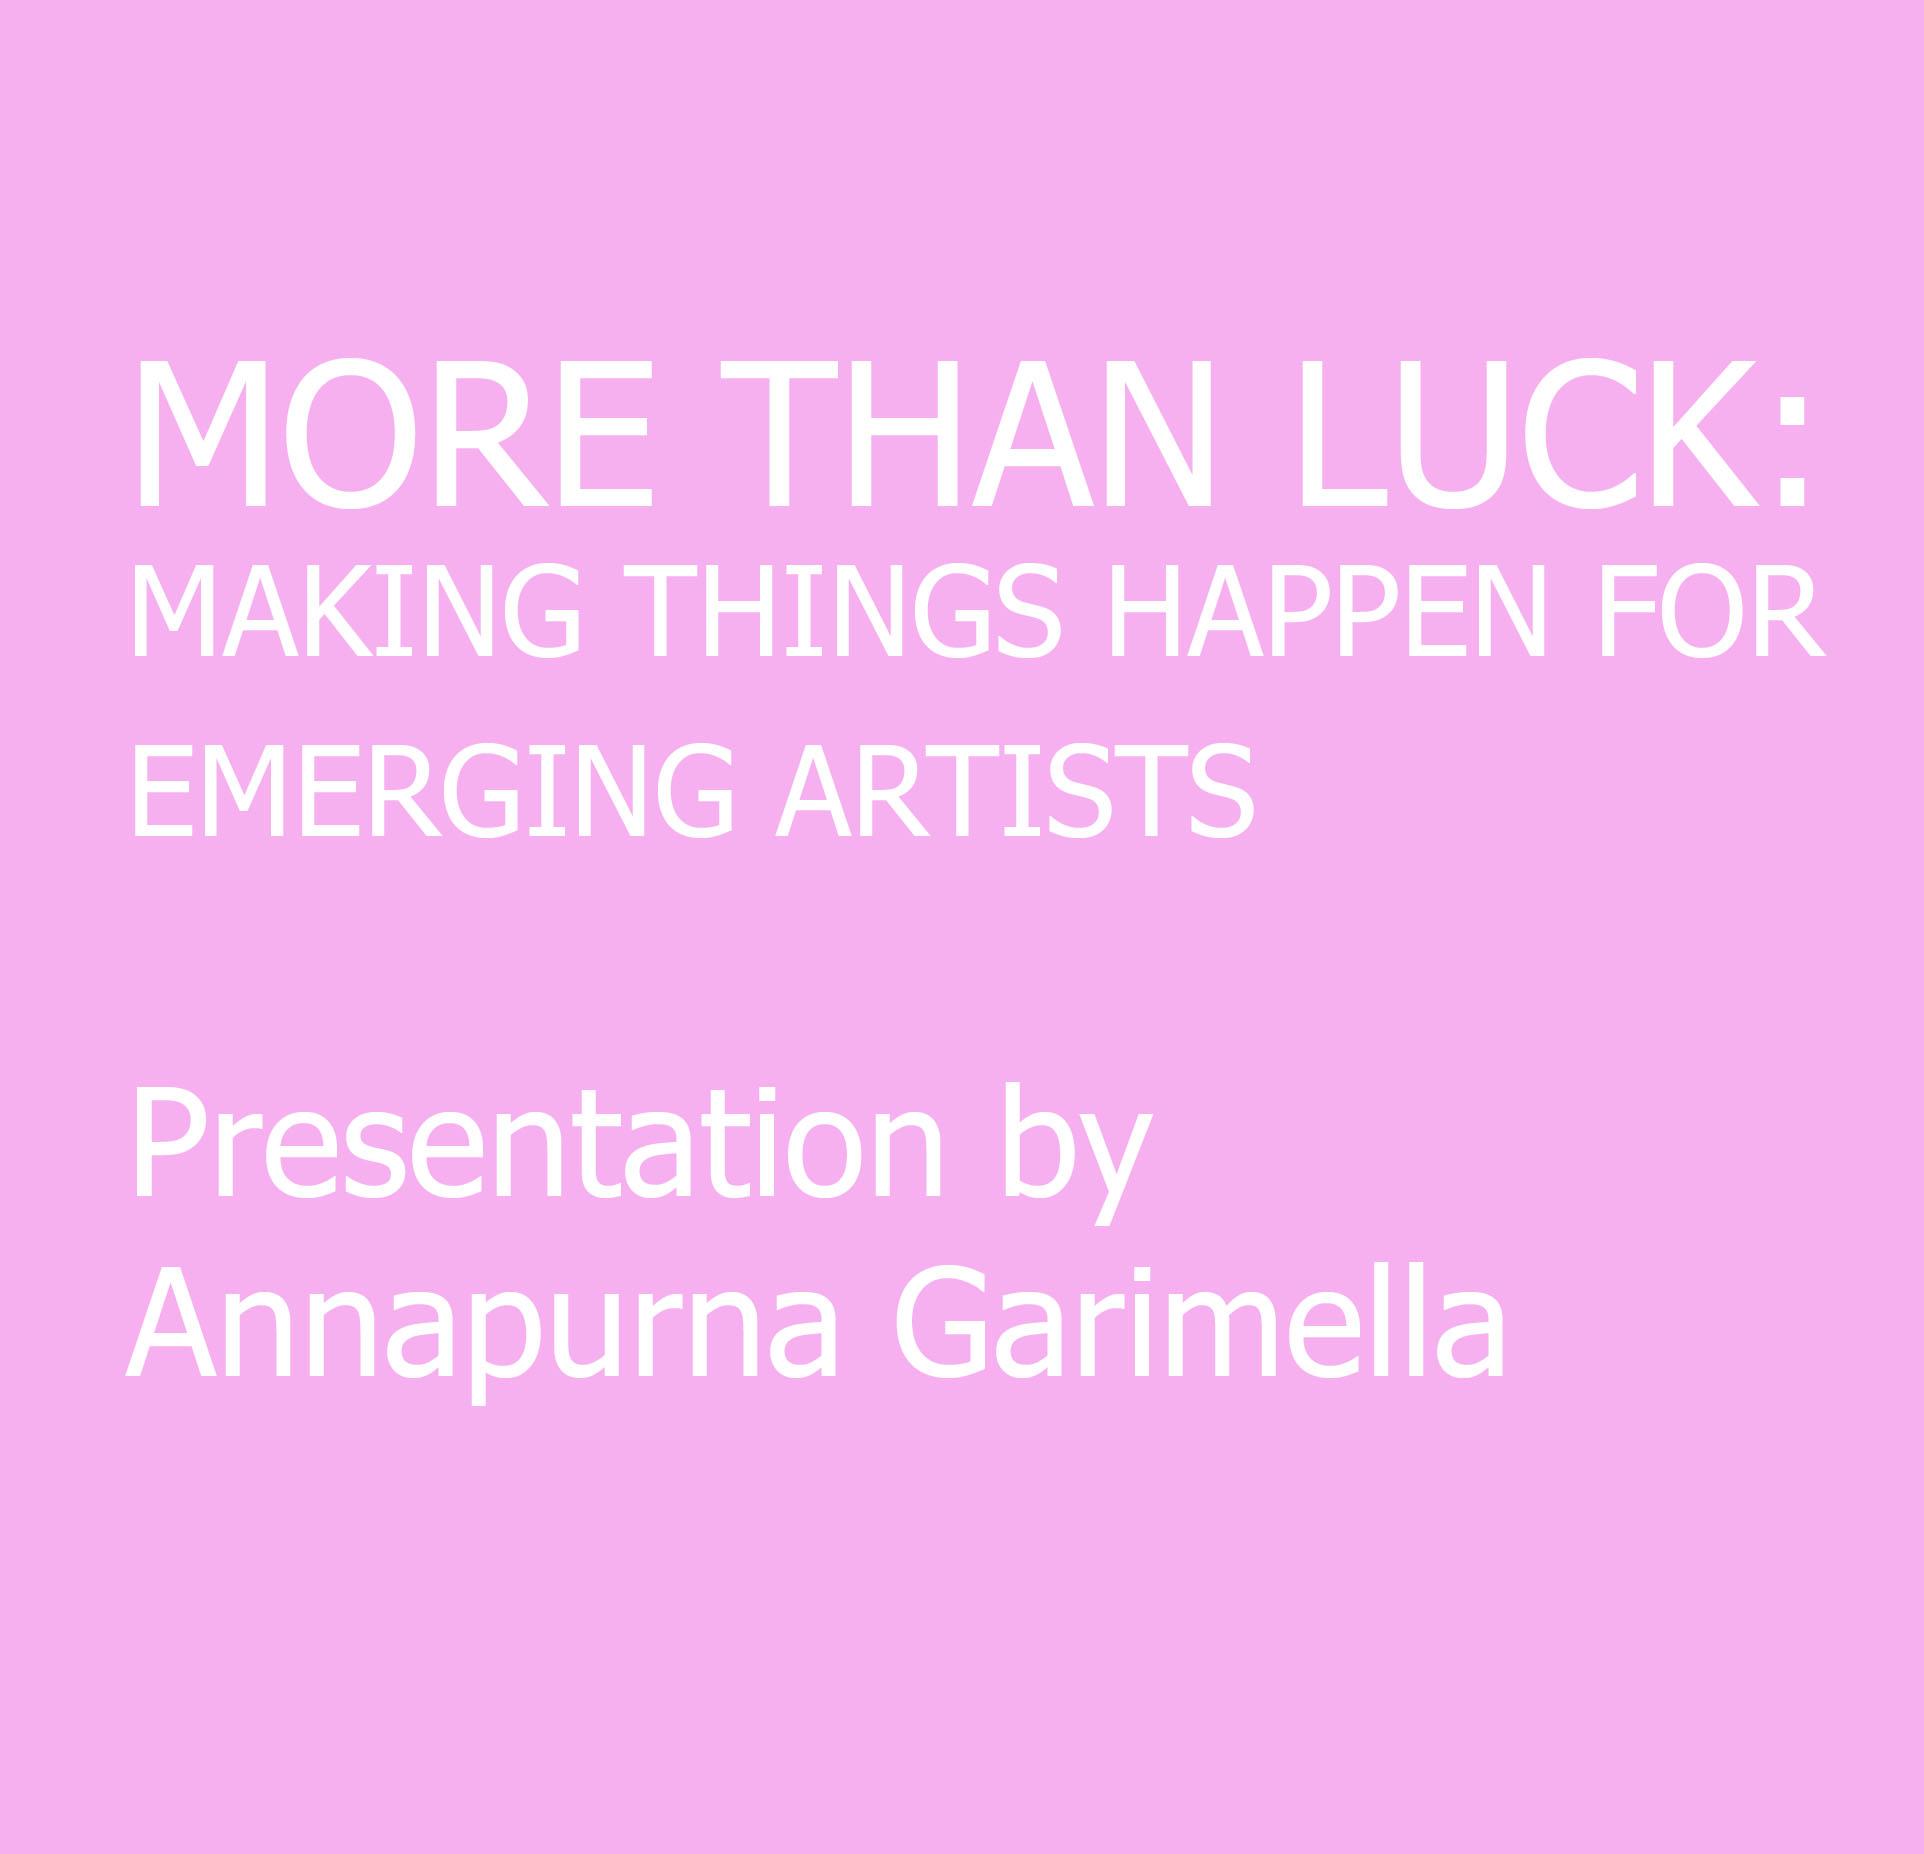 PRESENTATION BY ANNAPURNA GARIMELLA